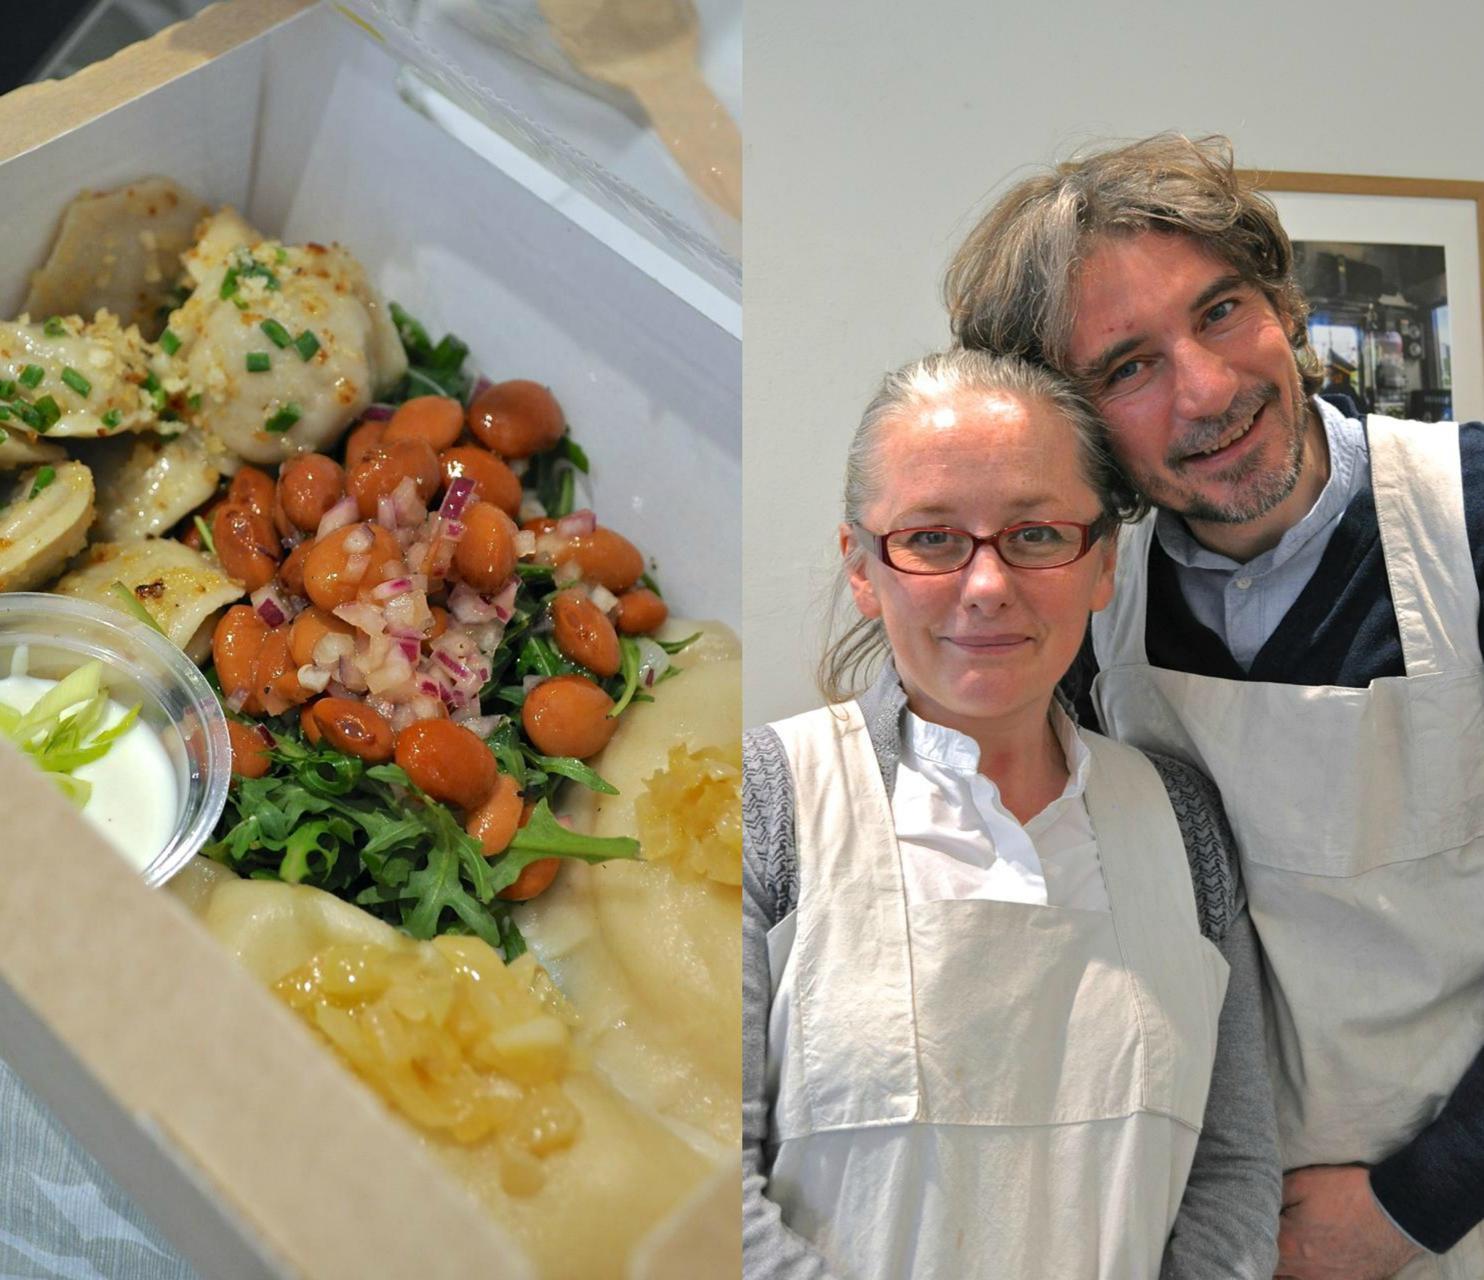 フランコさん(右)とカーシャさんカップルがセンスも味もいいケータリングを提供。この日のダンプリングもサラダも大変美味しゅうございました♪